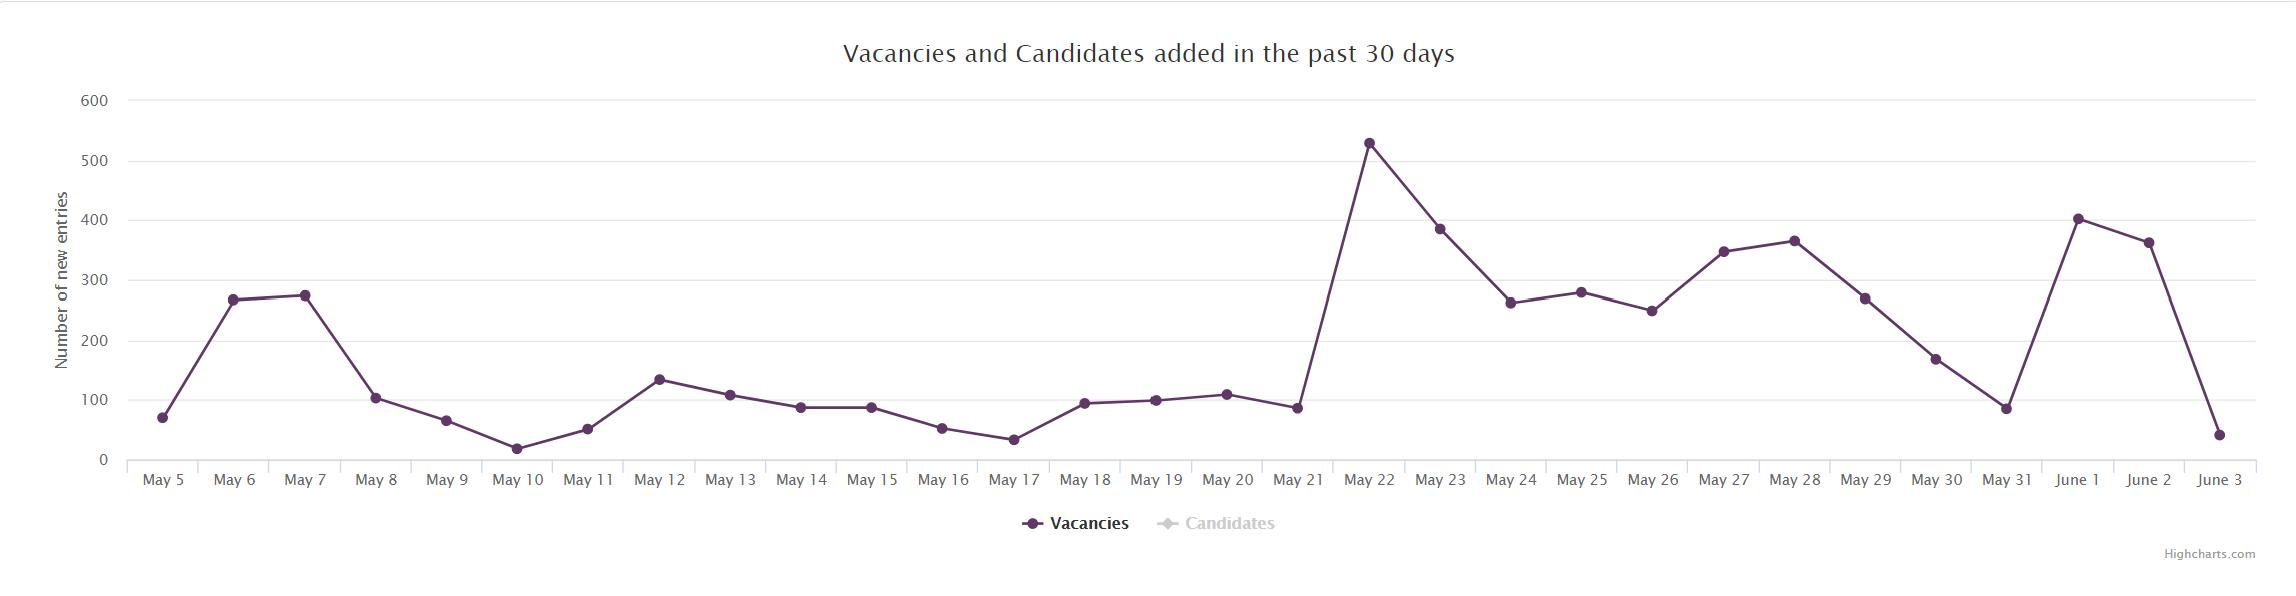 Trends Job Market 2020 Ukraine